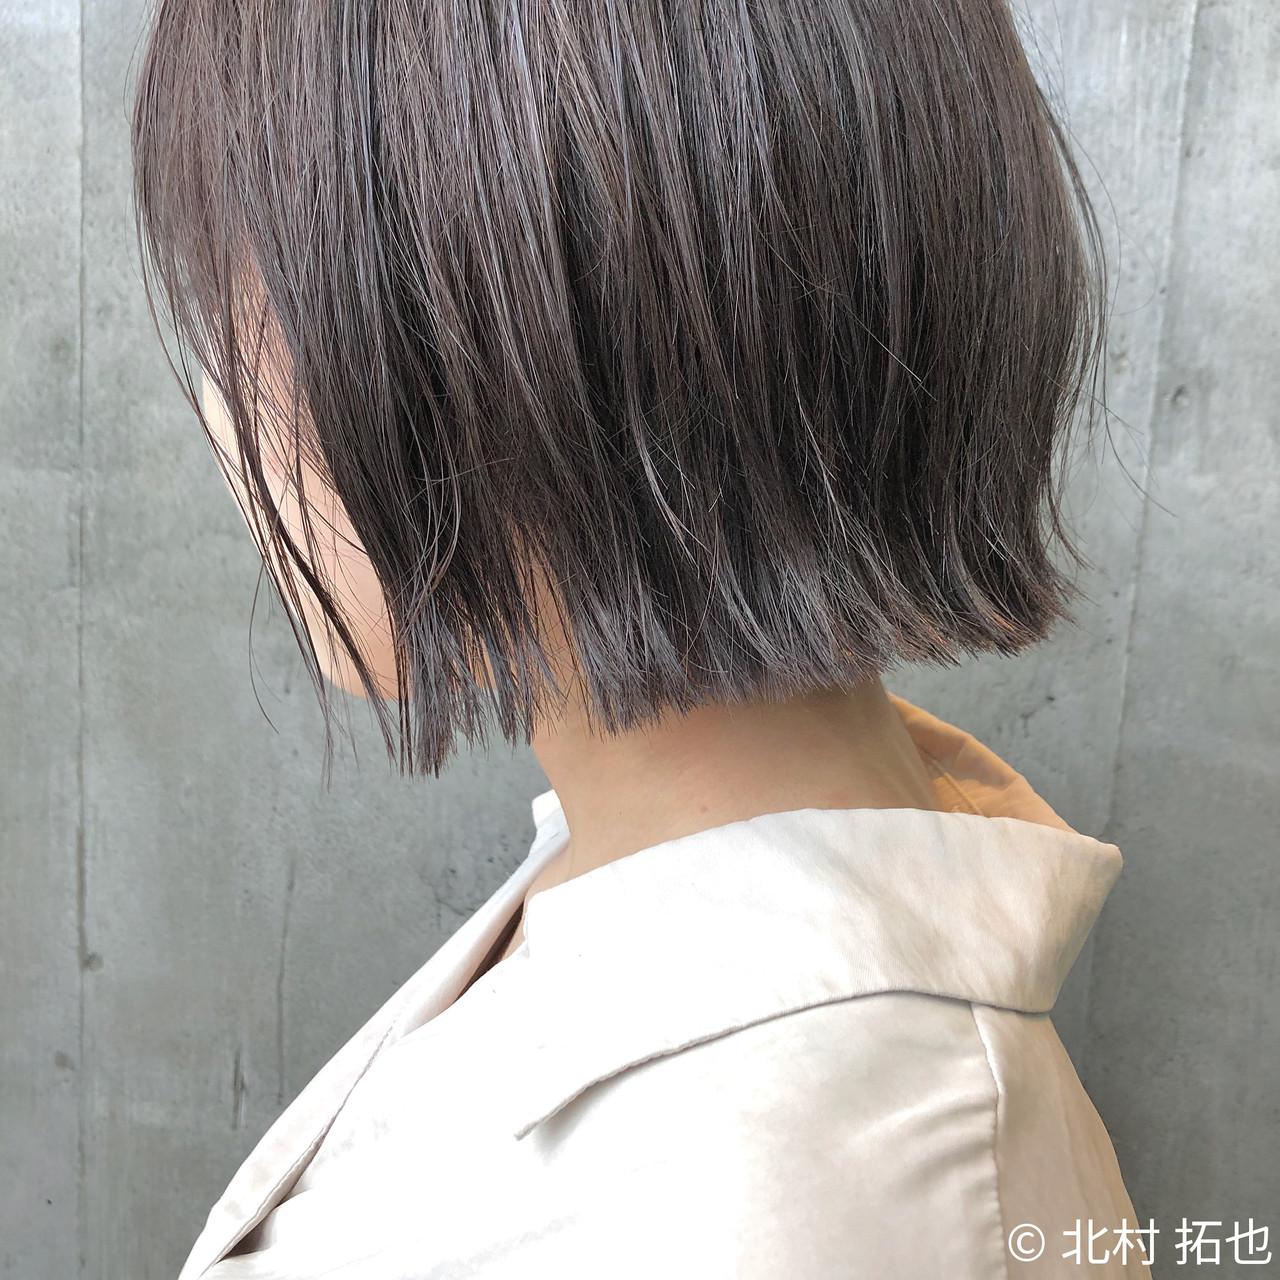 透明感カラー ボブ 切りっぱなしボブ ブルージュヘアスタイルや髪型の写真・画像